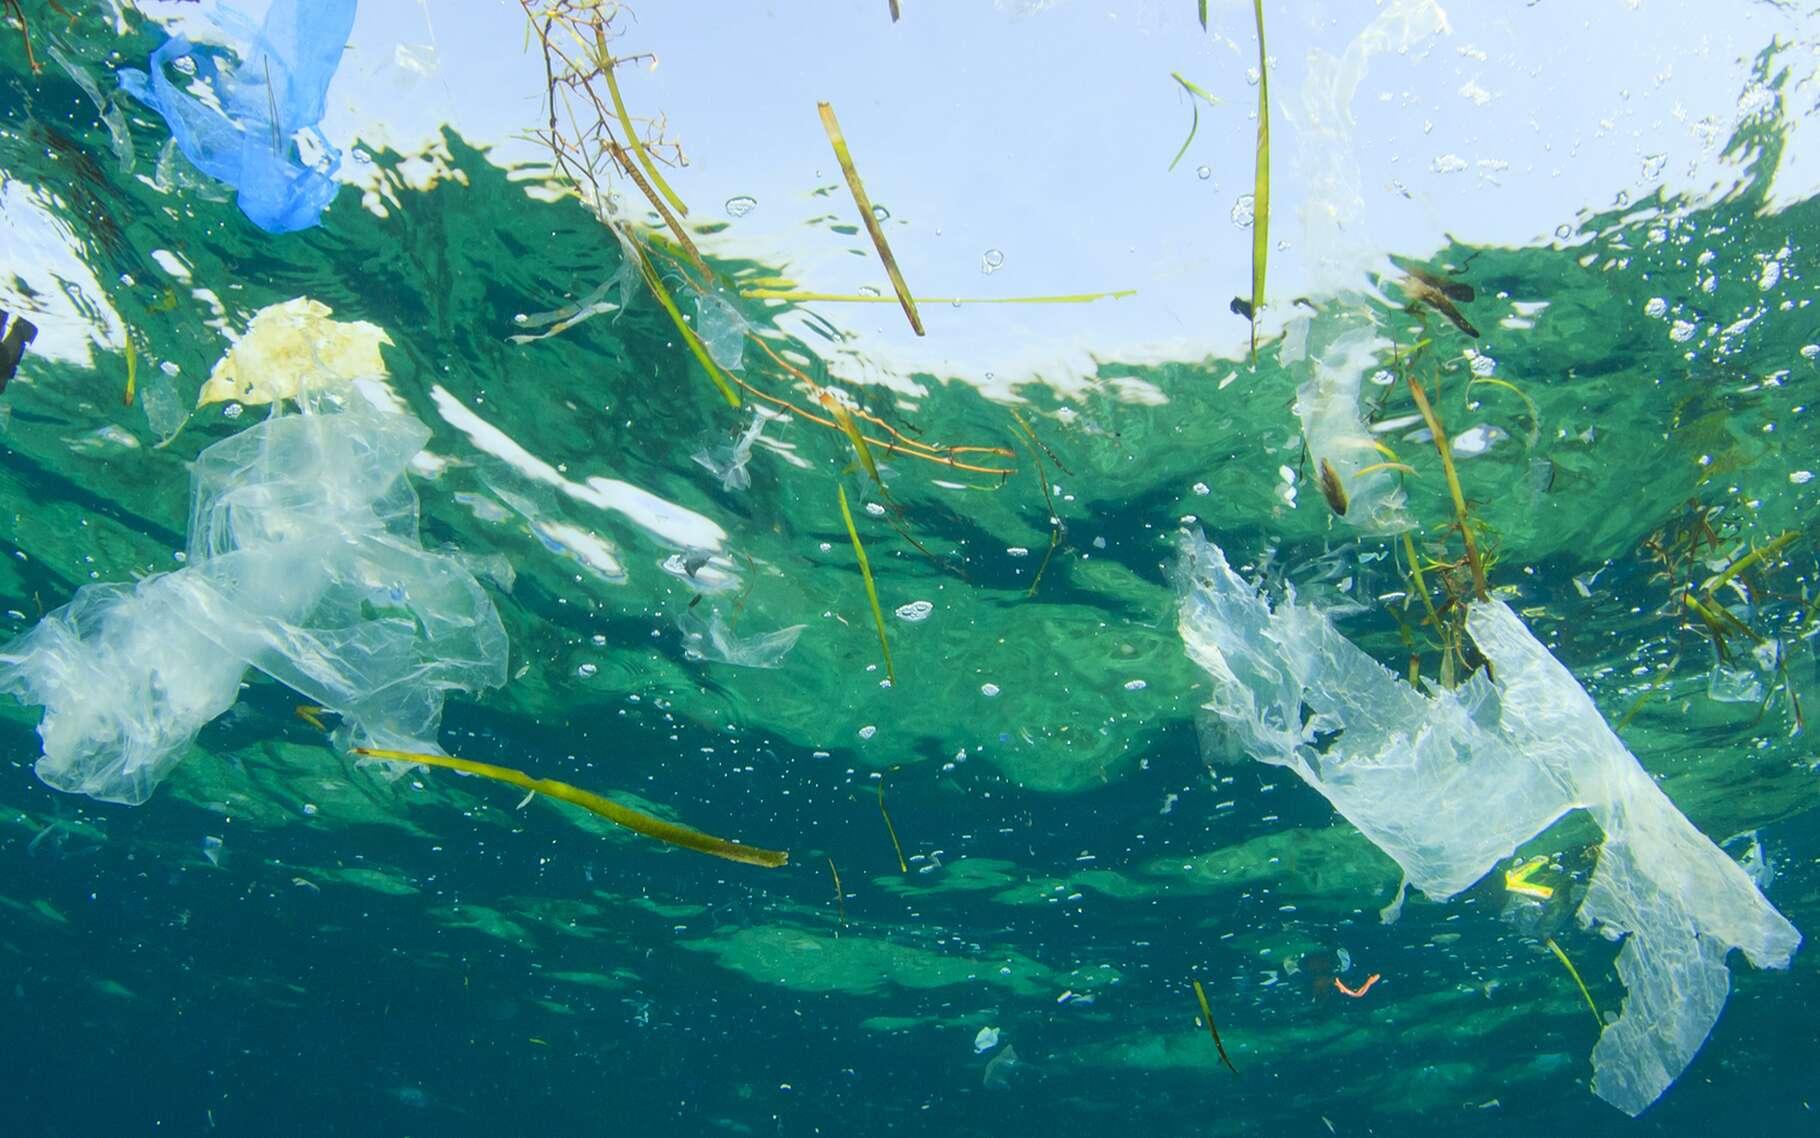 Au cœur des gyres, on observe une accumulation de déchets, en plastique notamment. © Rich Carey, Shutterstock